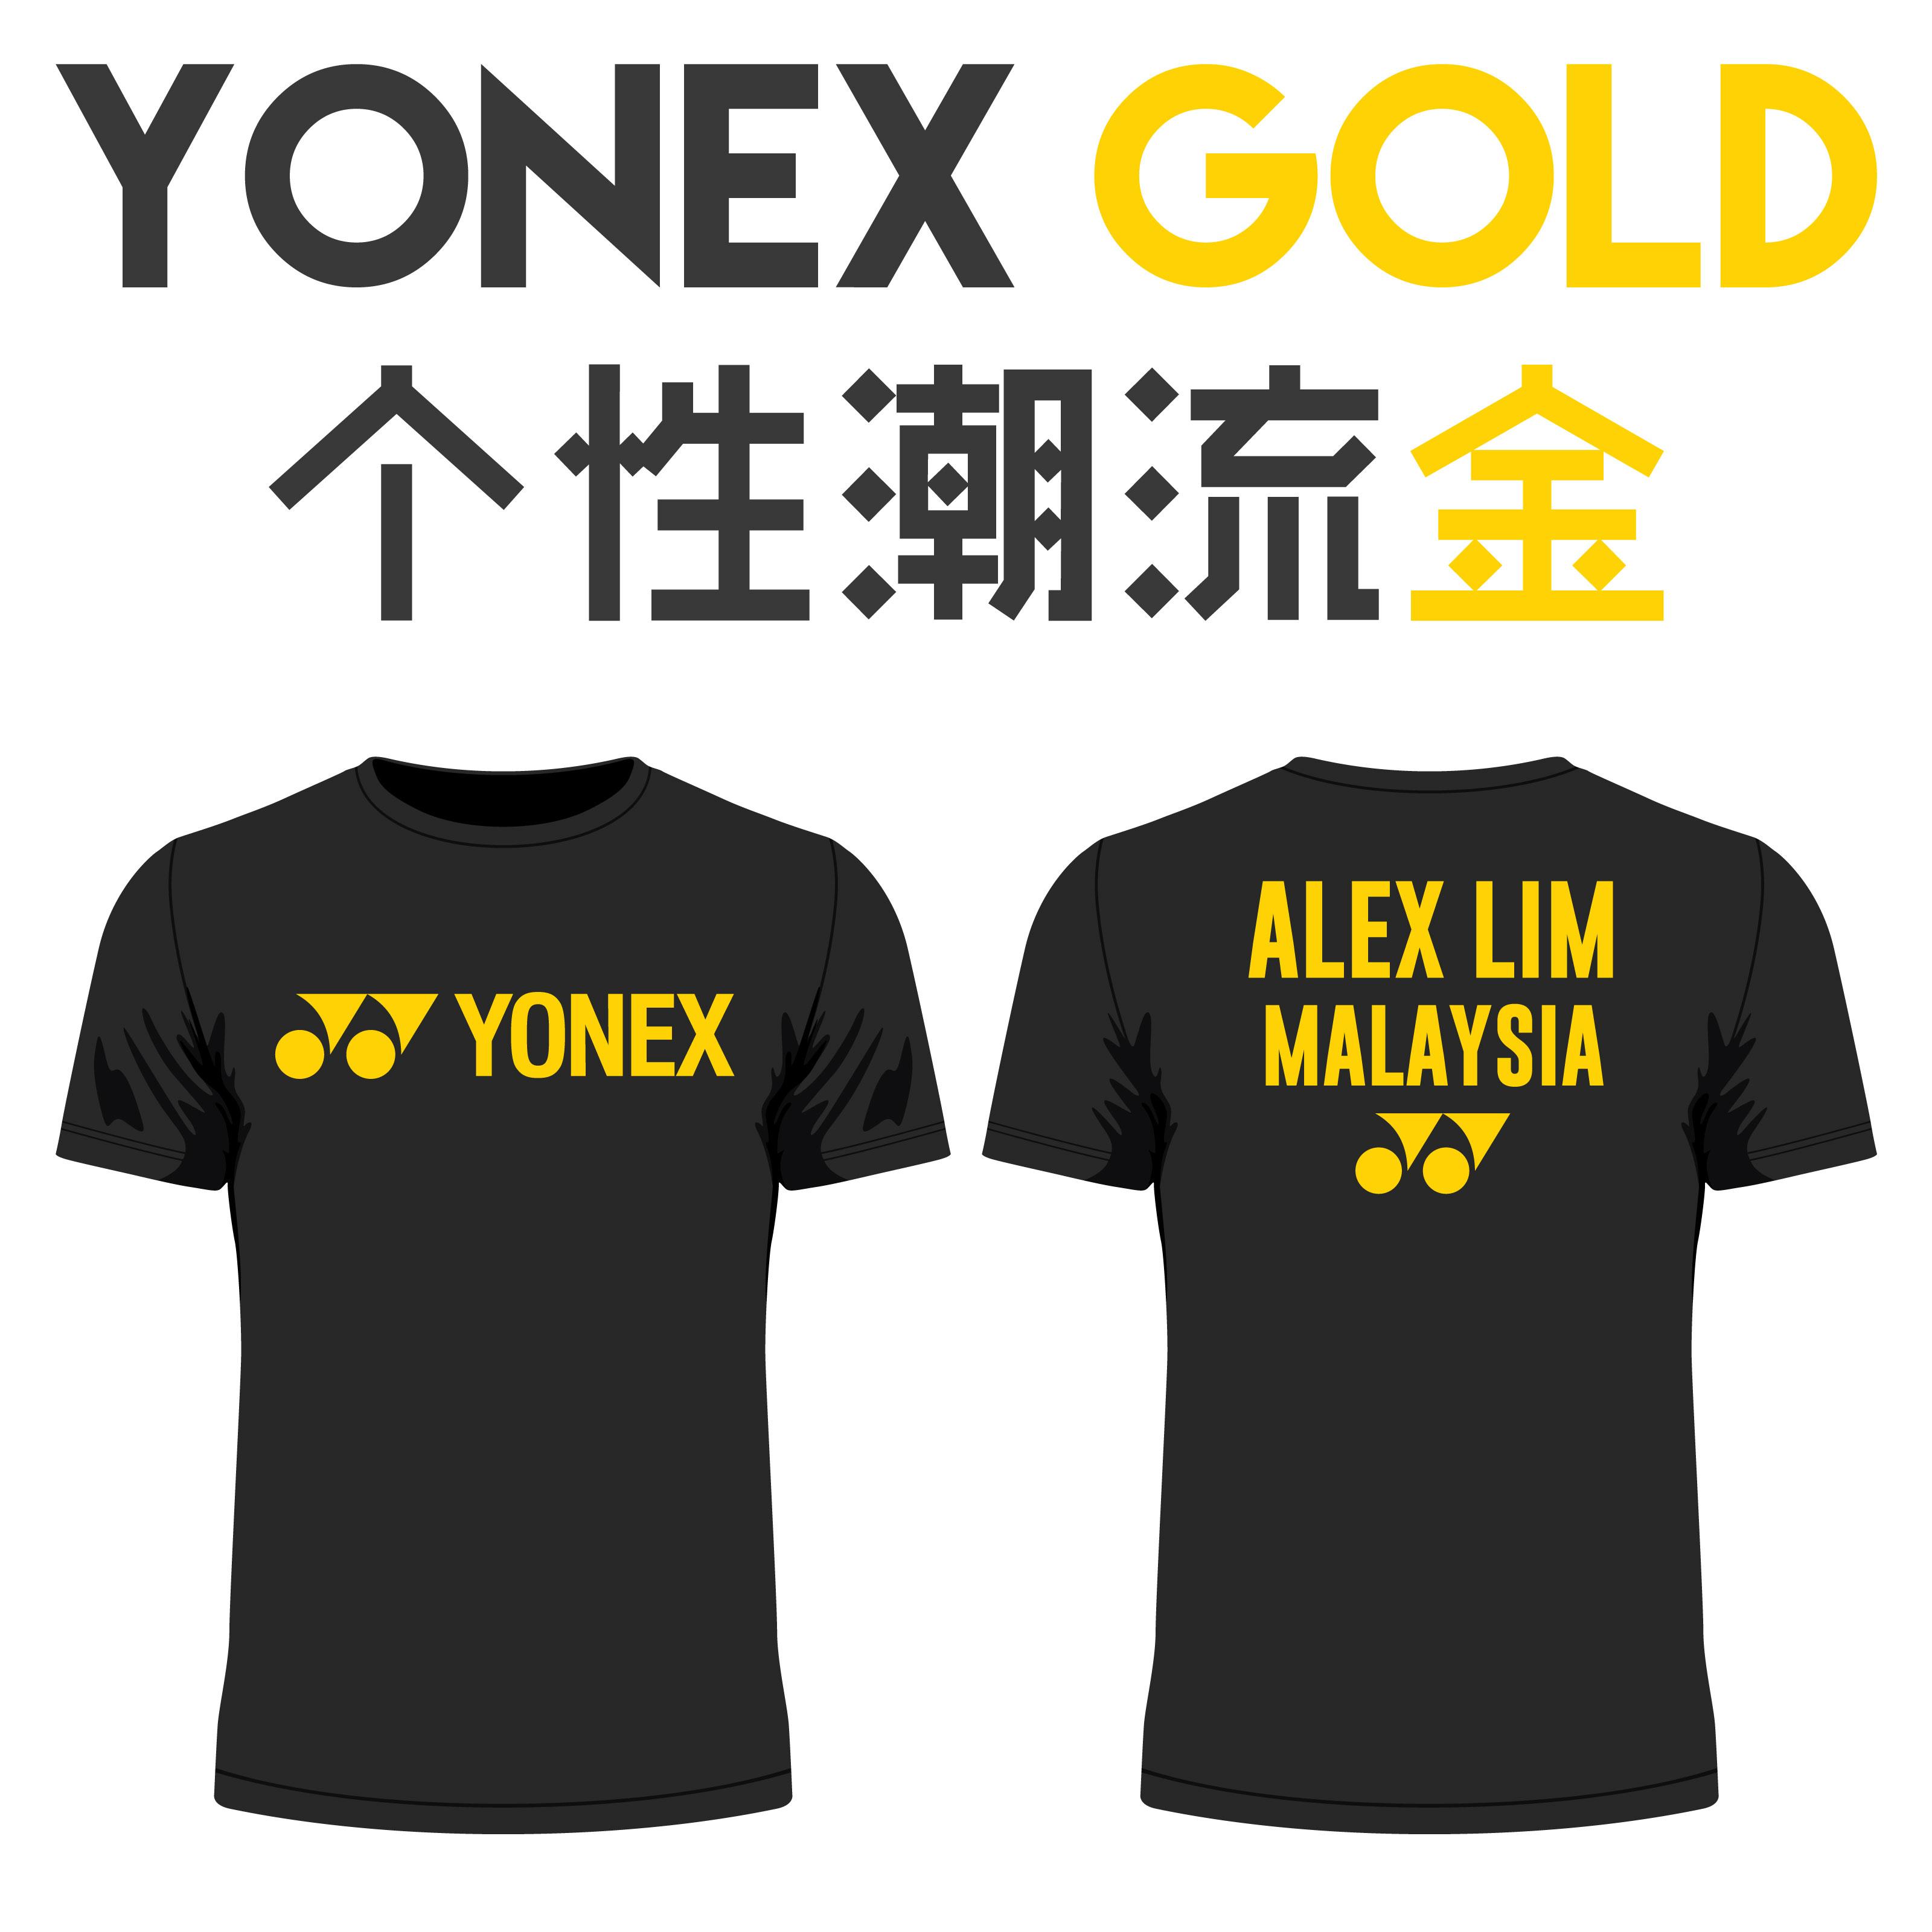 Yonex Shirt - Yonex Gold